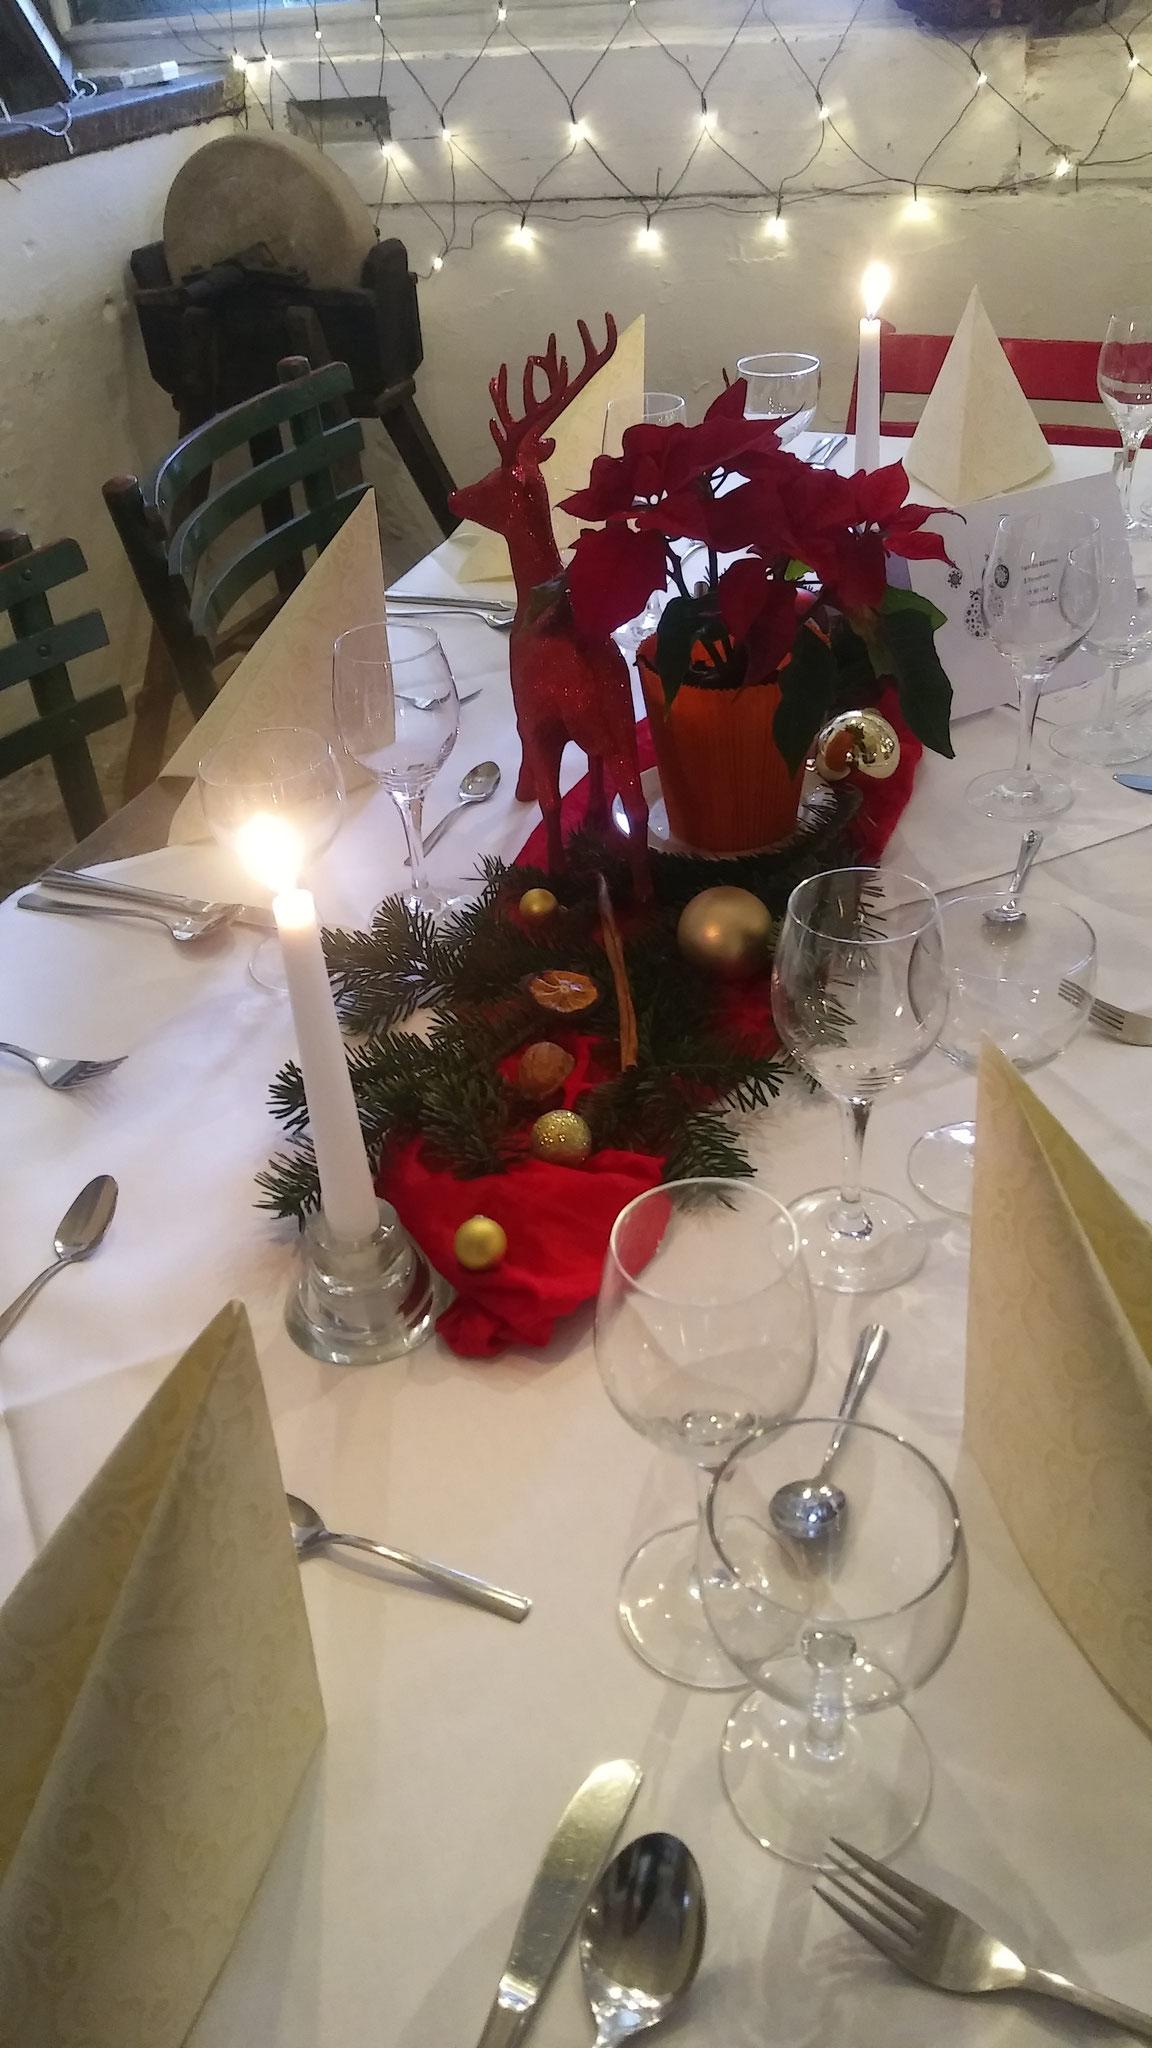 Weihnachtsessen im Hotel Alte Försterei Kloster Zinna